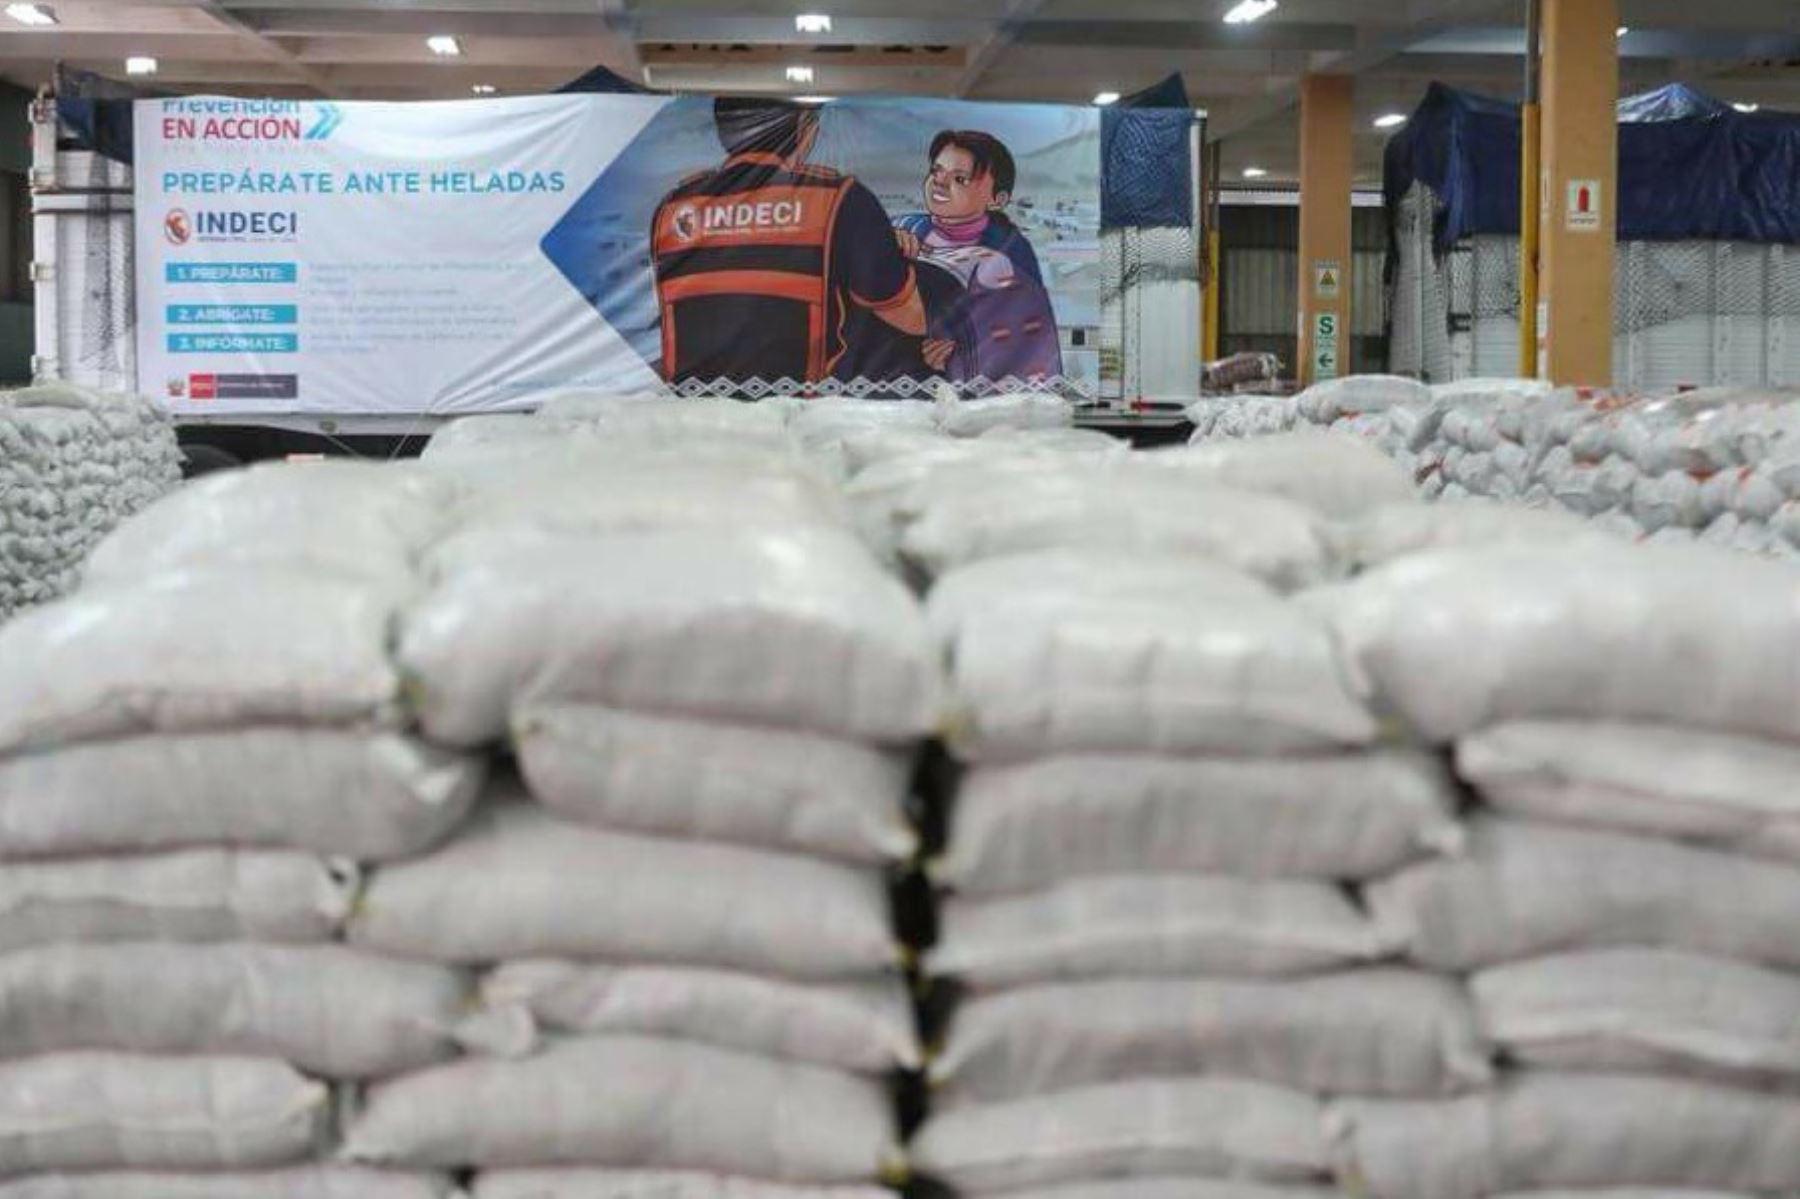 Indeci entrega 648 toneladas de alimentos a ocho regiones para distribuirlas a las familias afectadas por heladas. ANDINA/Difusión